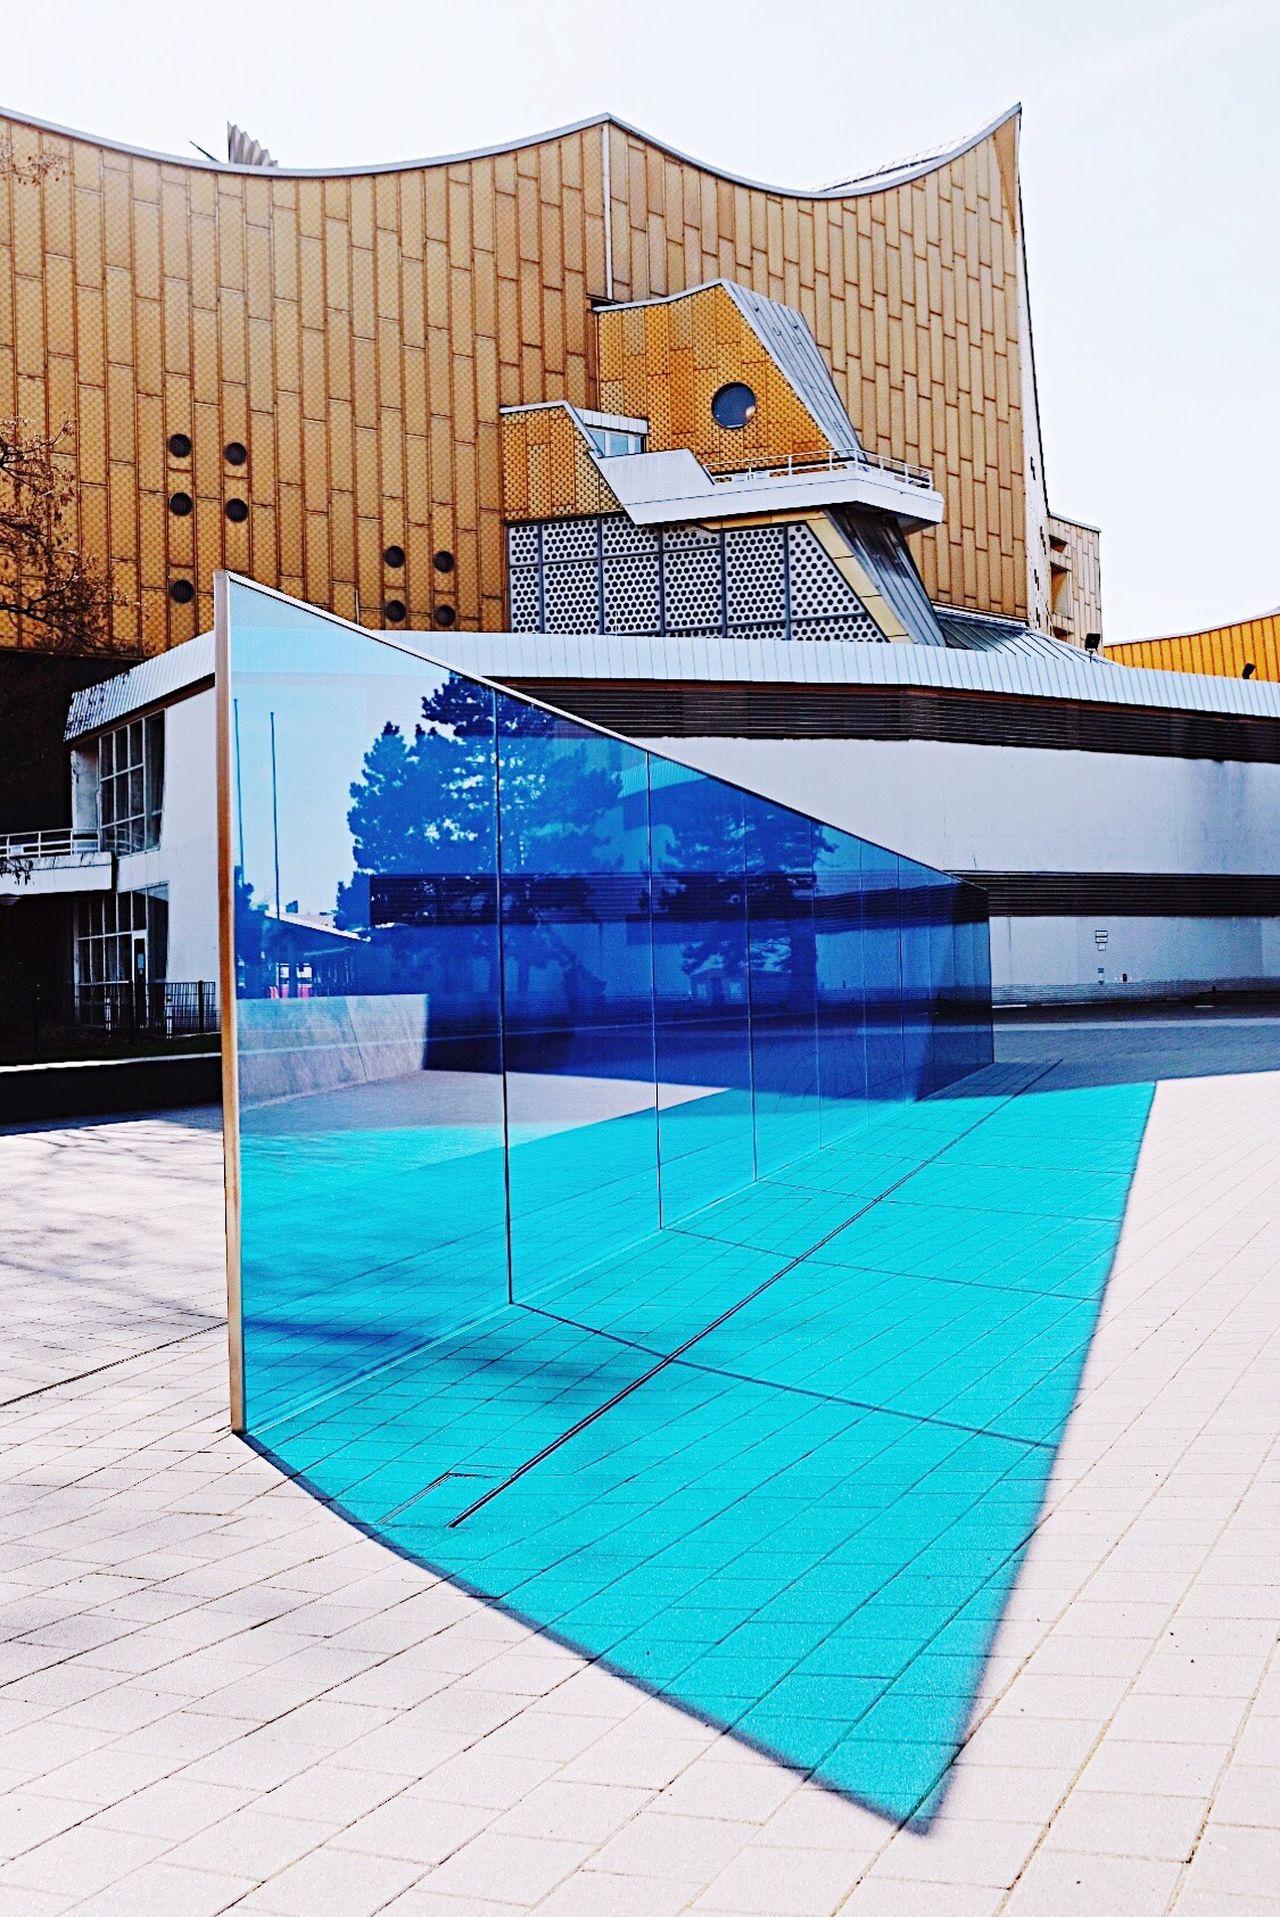 Berlin treasures 💠 Architecture building exterior built structure Sunlight City Modern outdoors day art sculpture blue glass Berlin